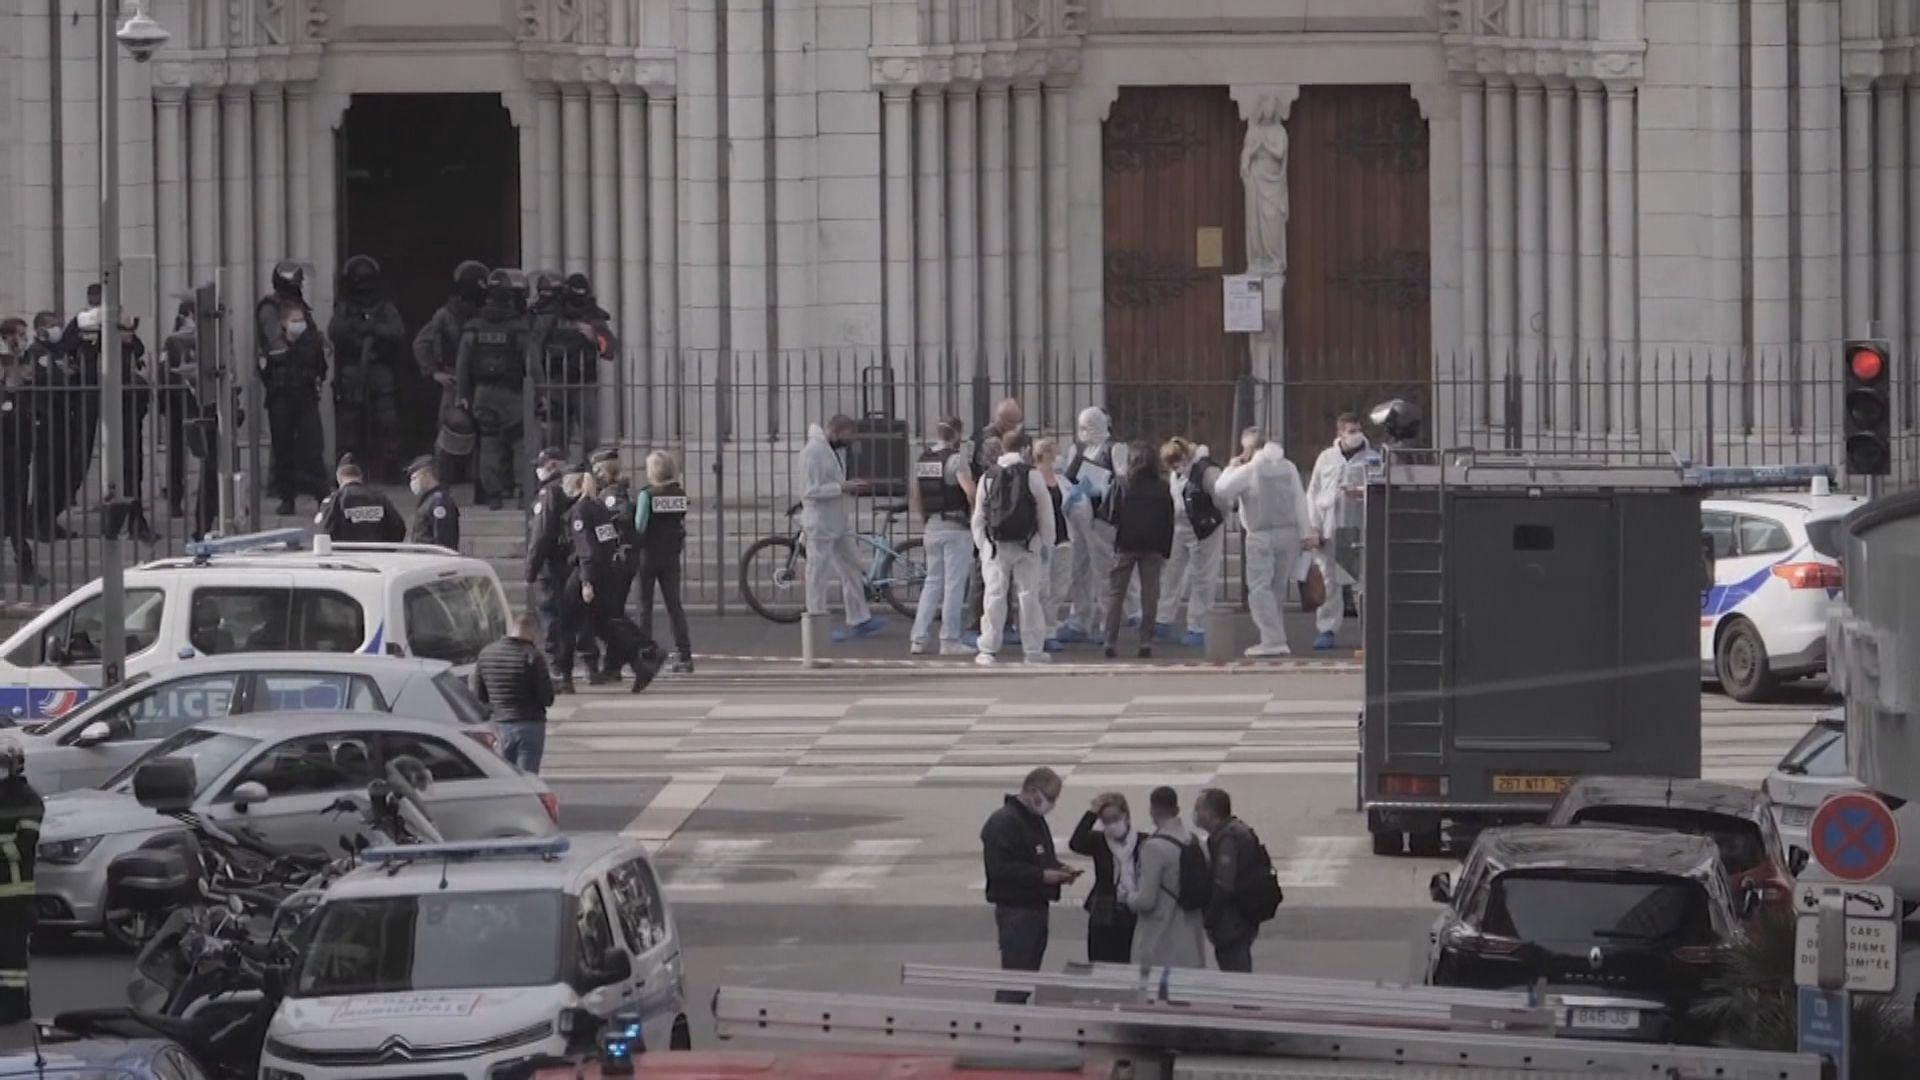 法國尼斯襲擊案 警指疑兇是21歲突尼斯男子